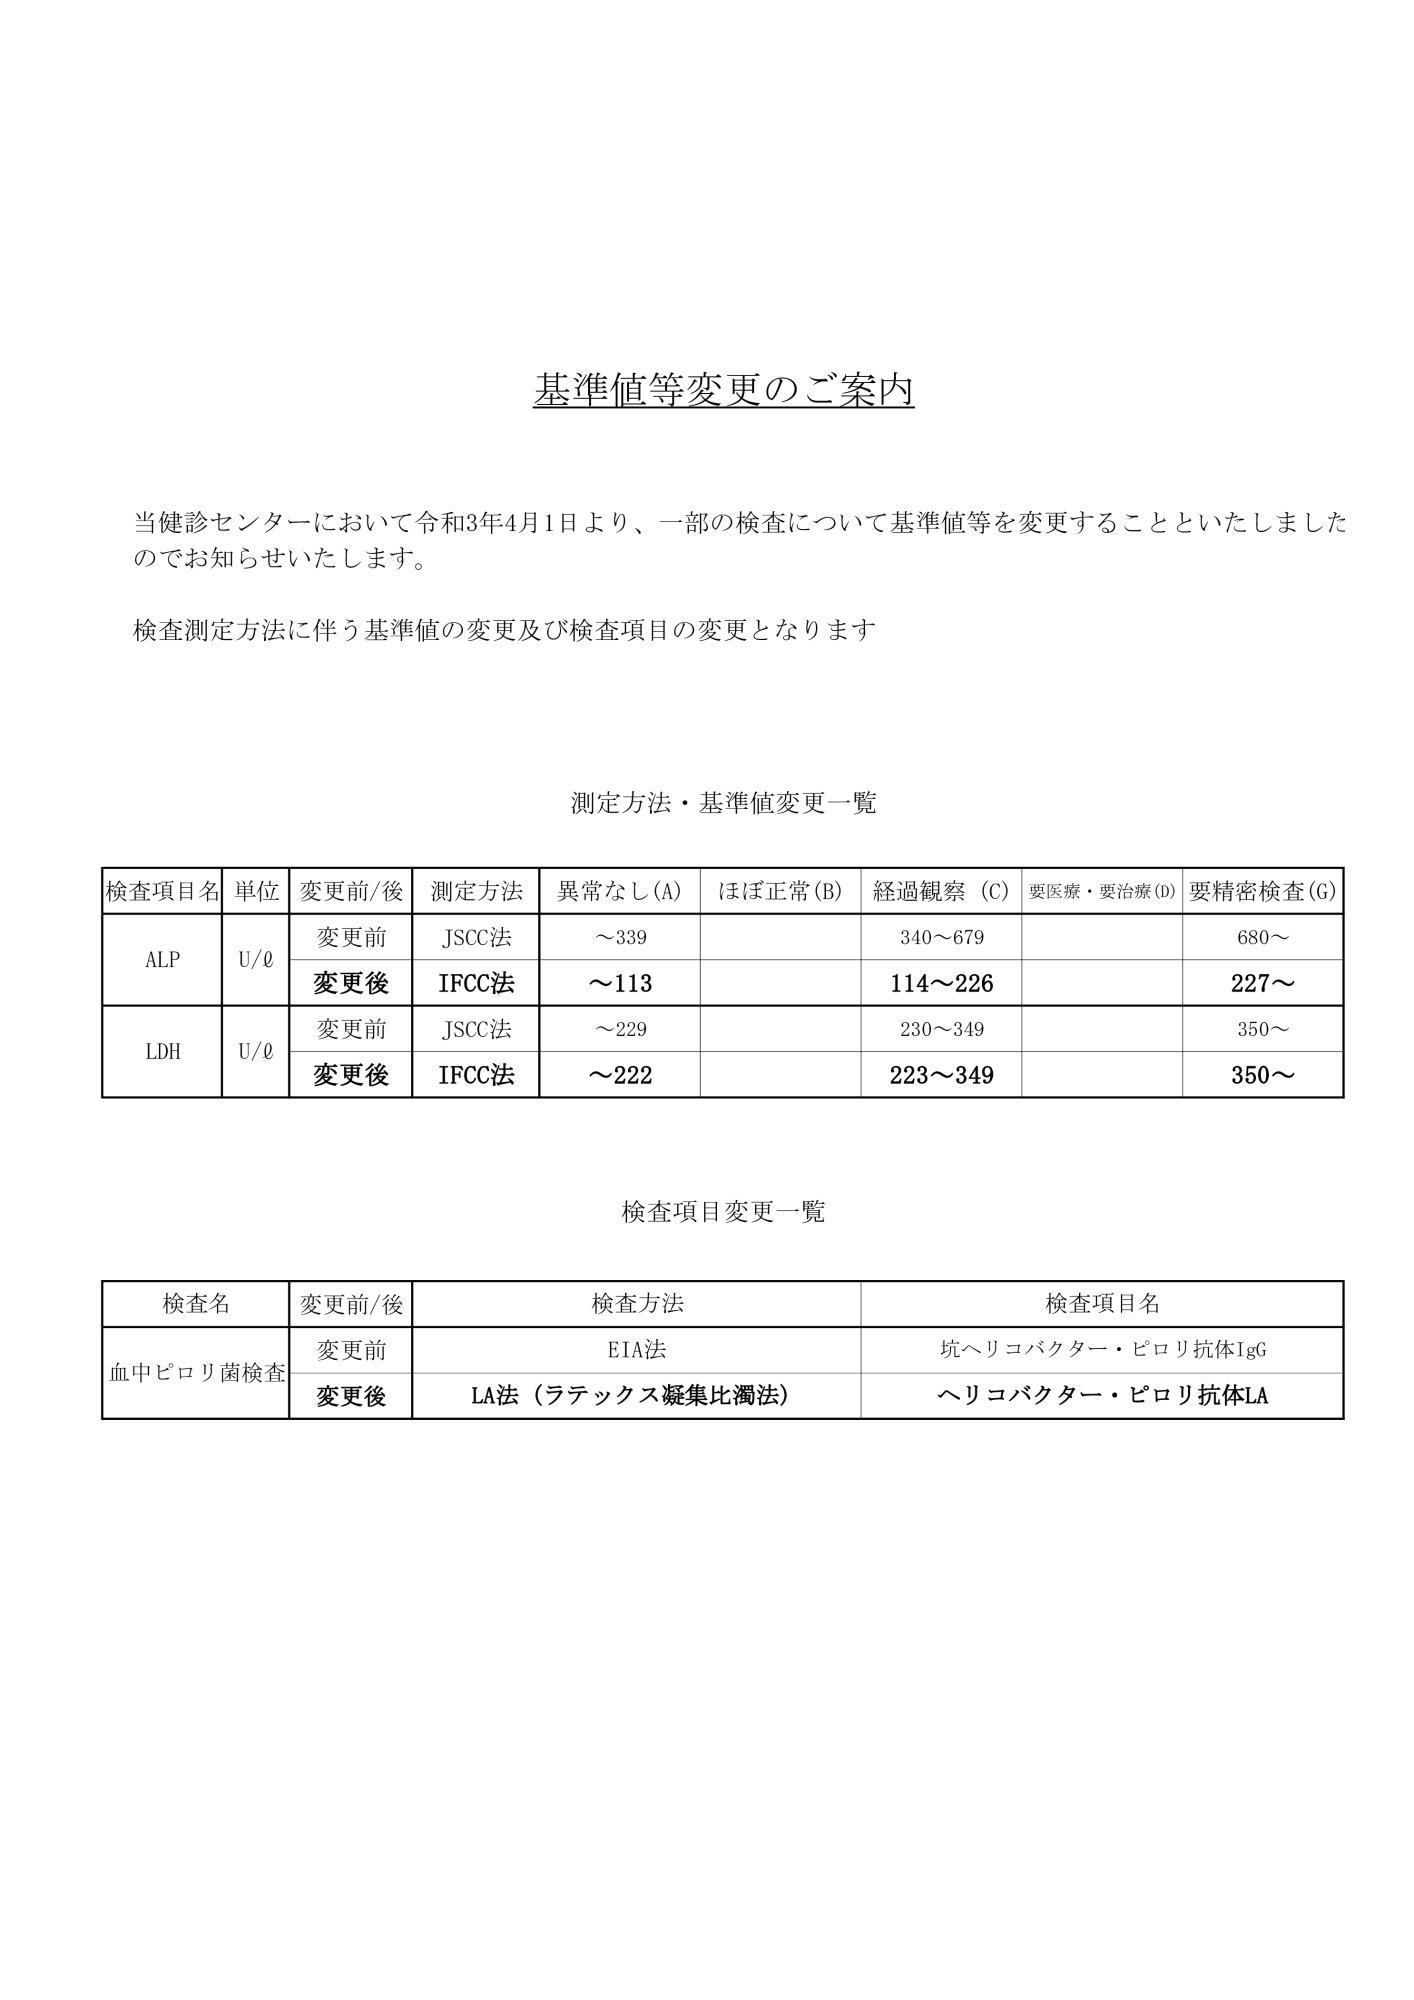 20210401基準値等変更案内_HP用のサムネイル